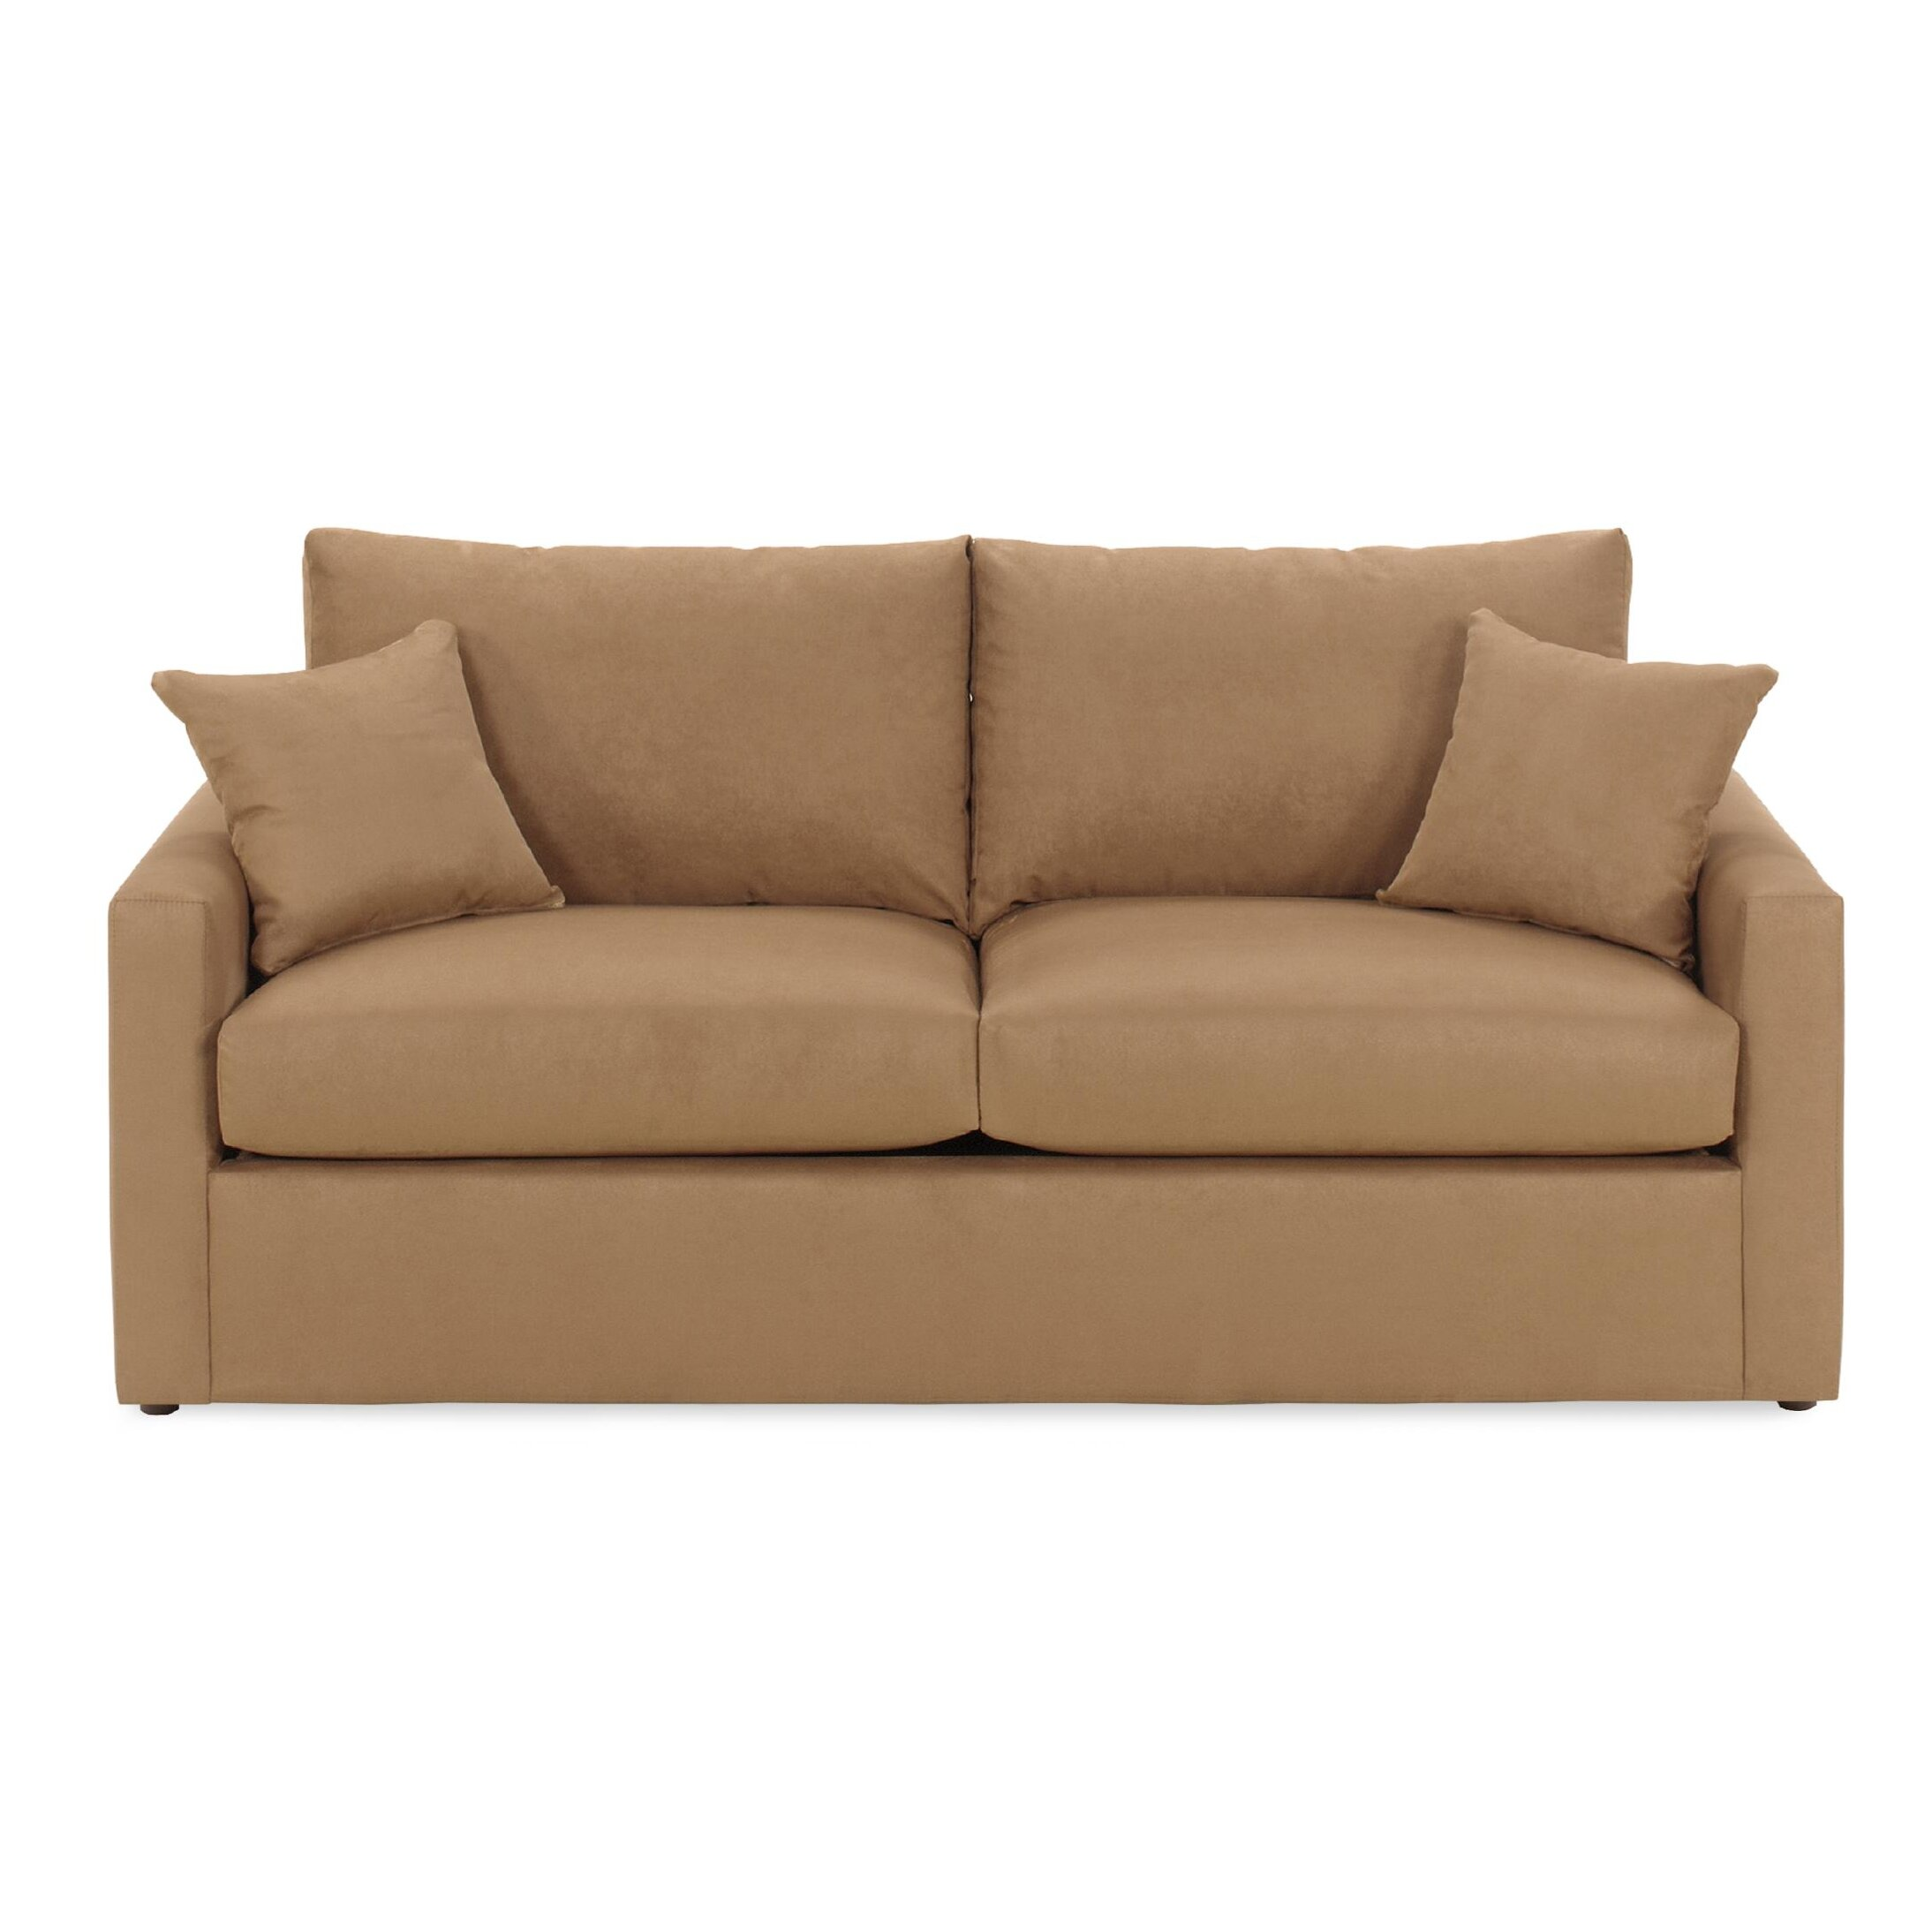 brayden studio campas sleeper sofa reviews wayfair